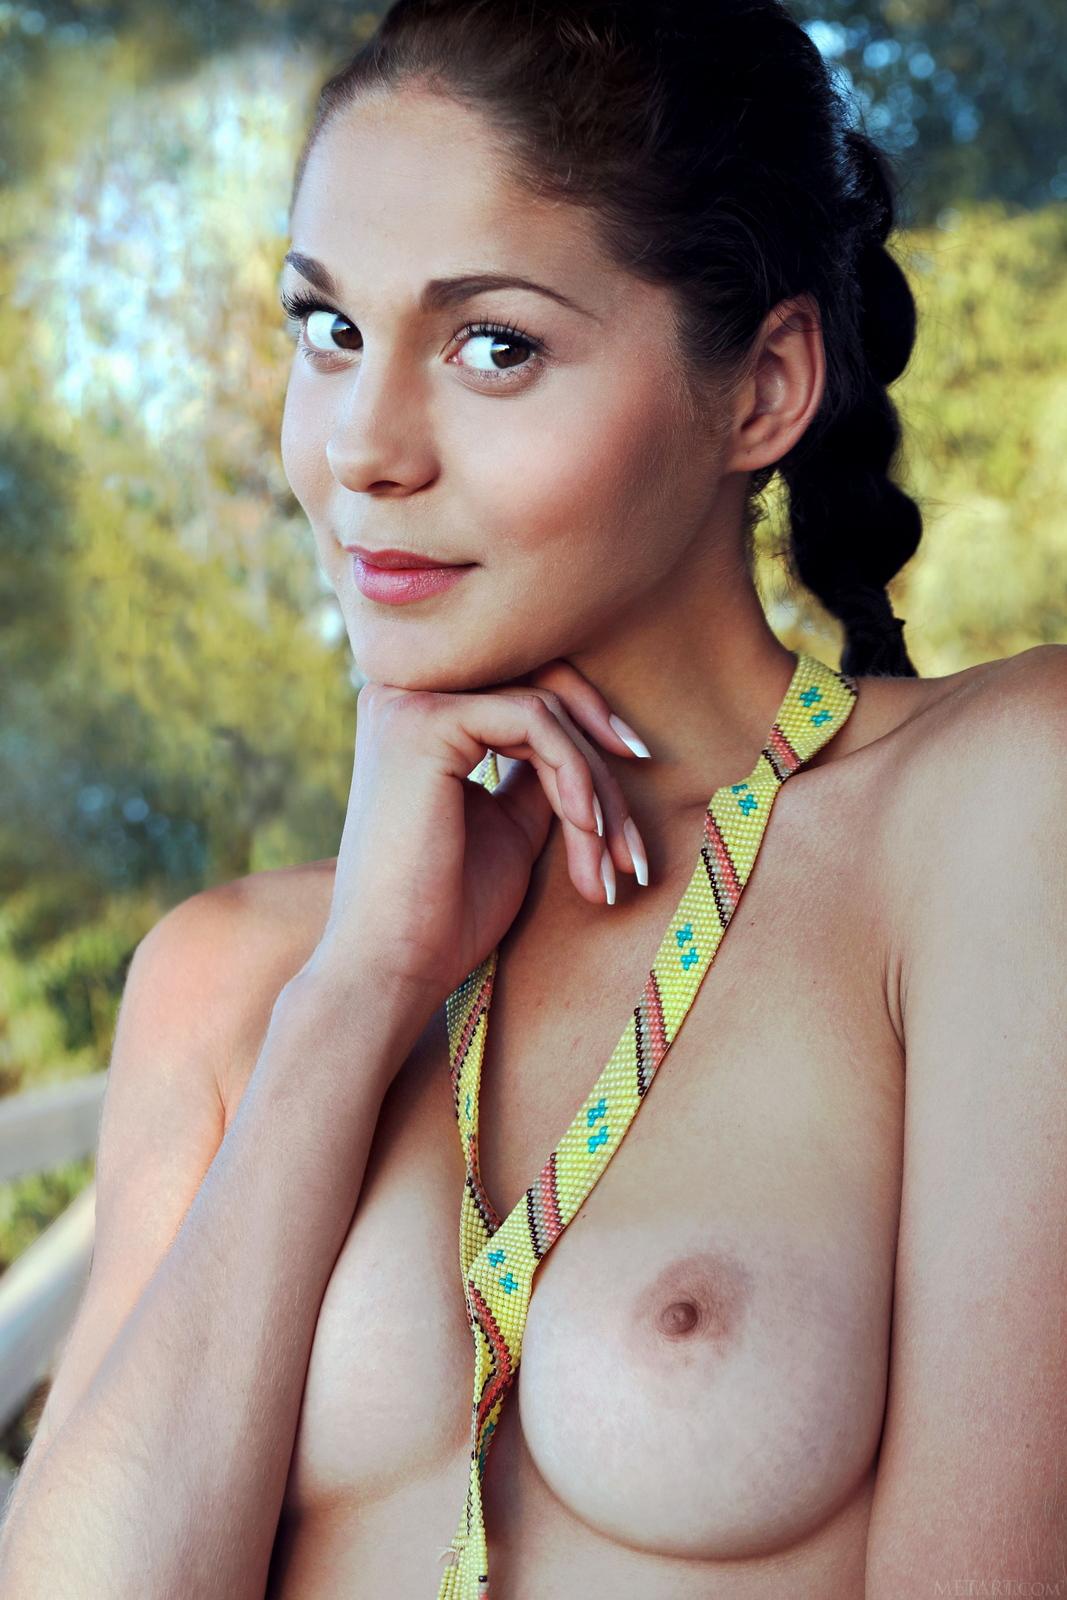 cаllistа-b-nude-denim-dungarees-brunette-met-art-15